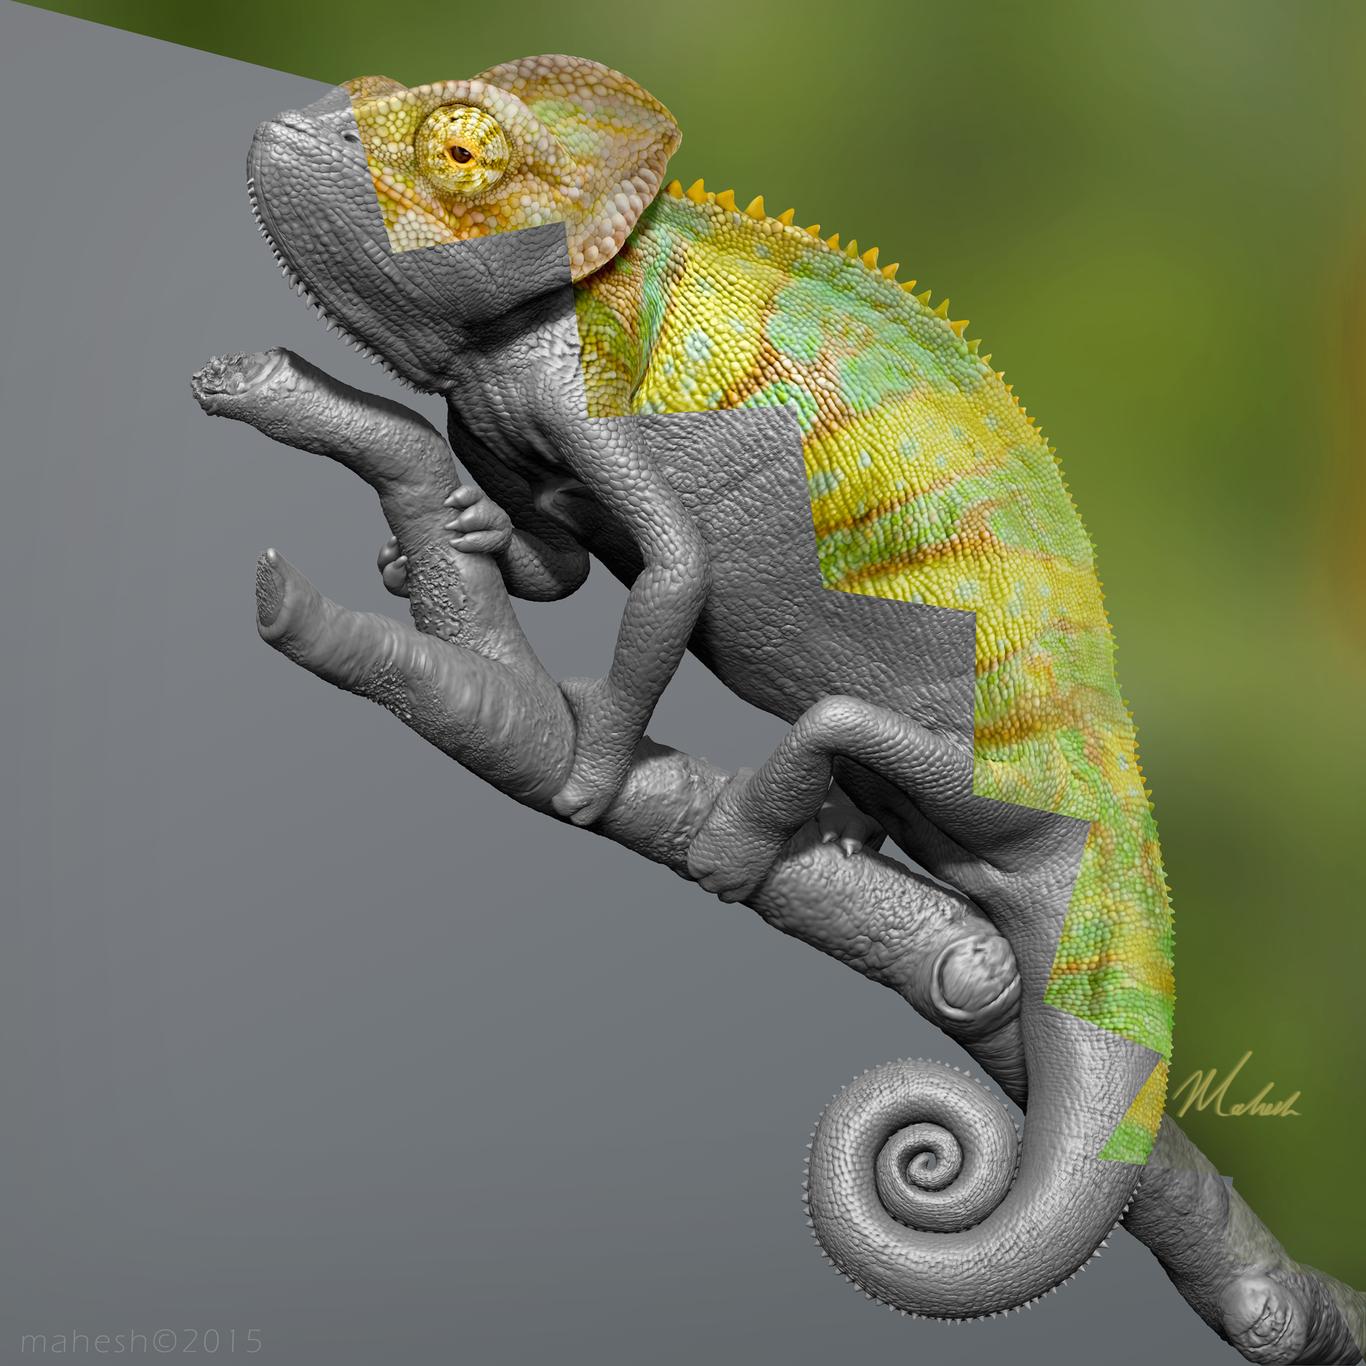 Mahe4art chameleon 1 8921b89d rhde